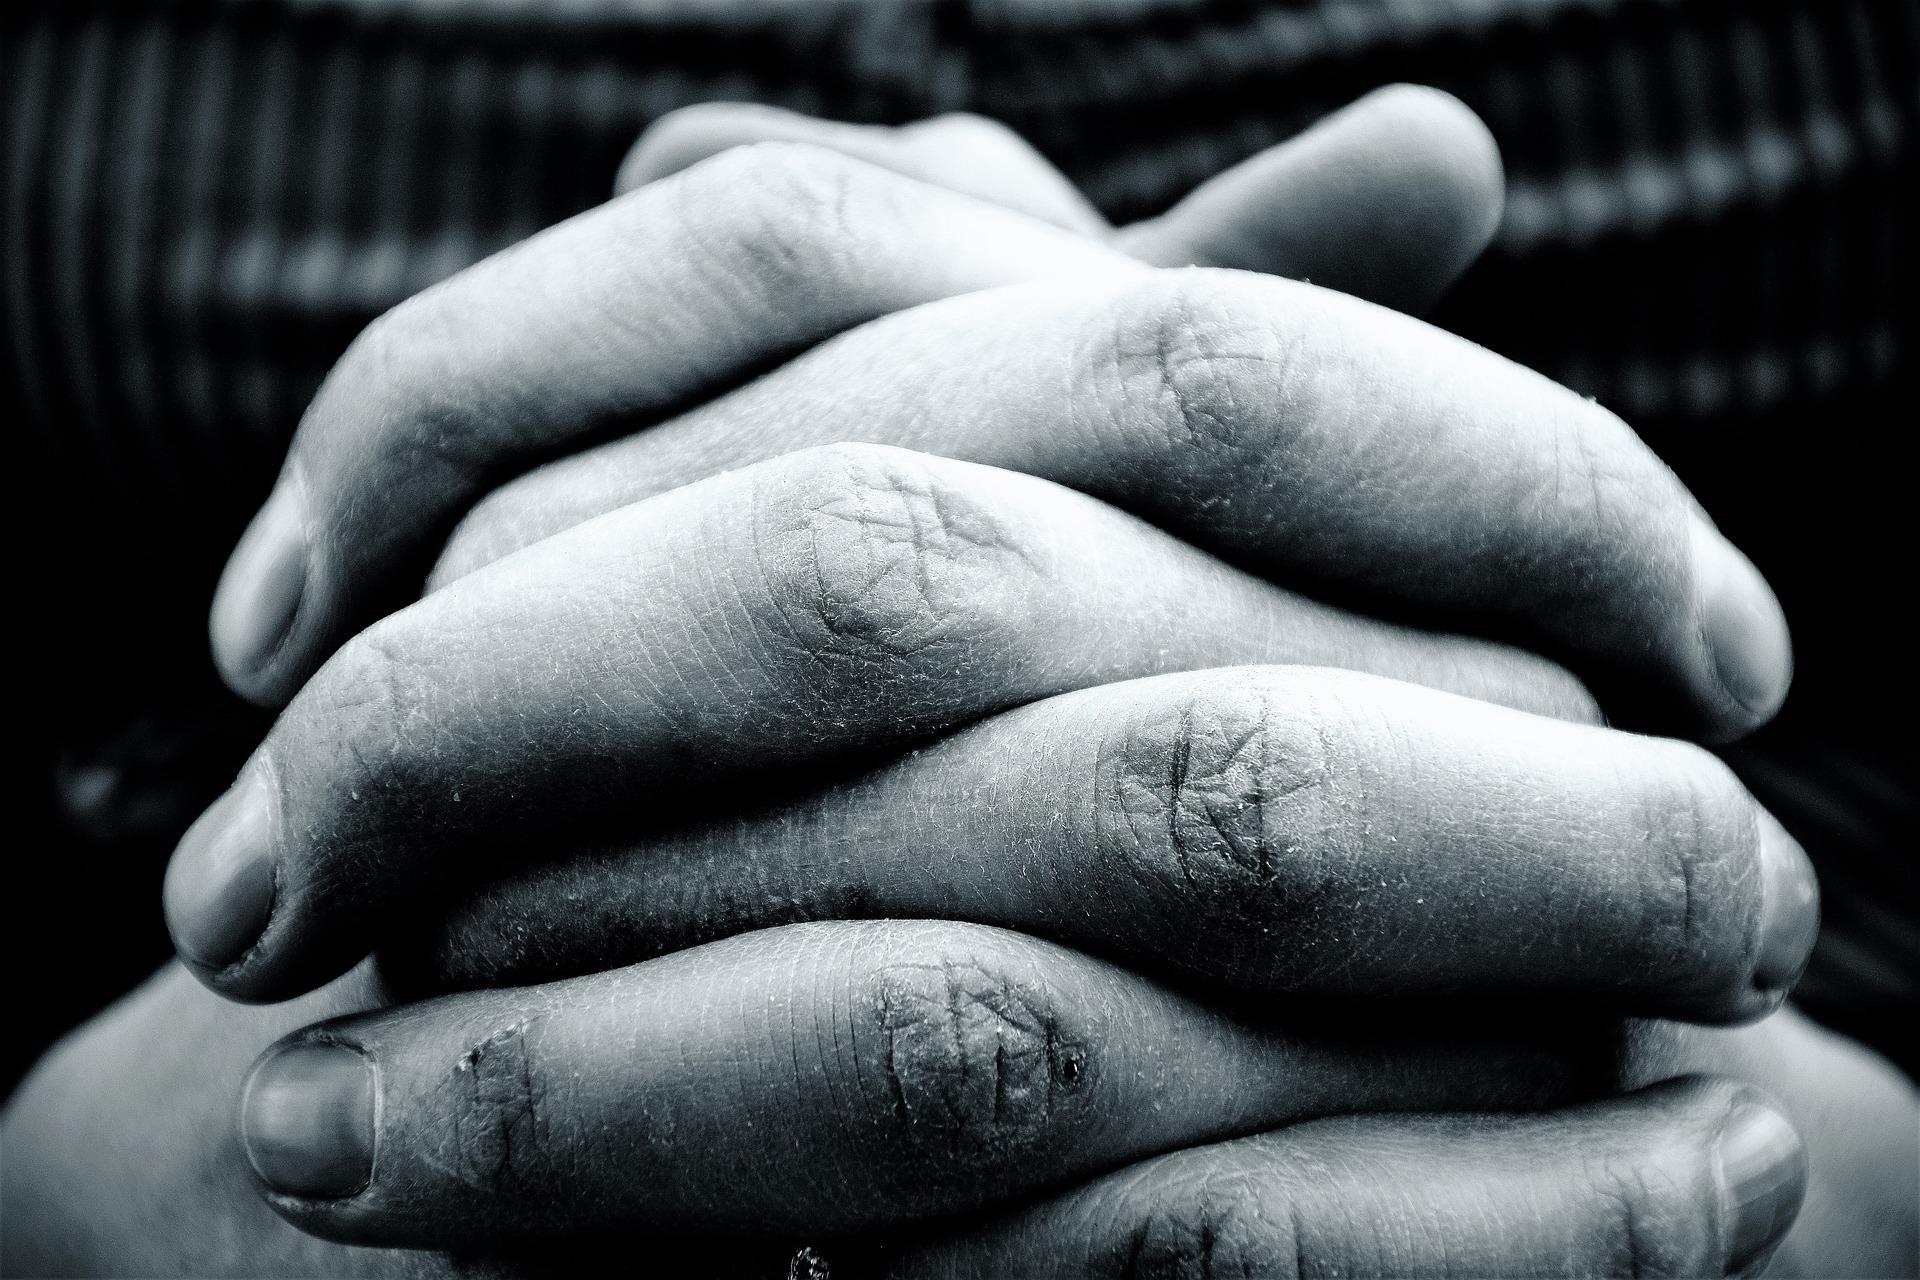 hands-2274255_1920.jpg